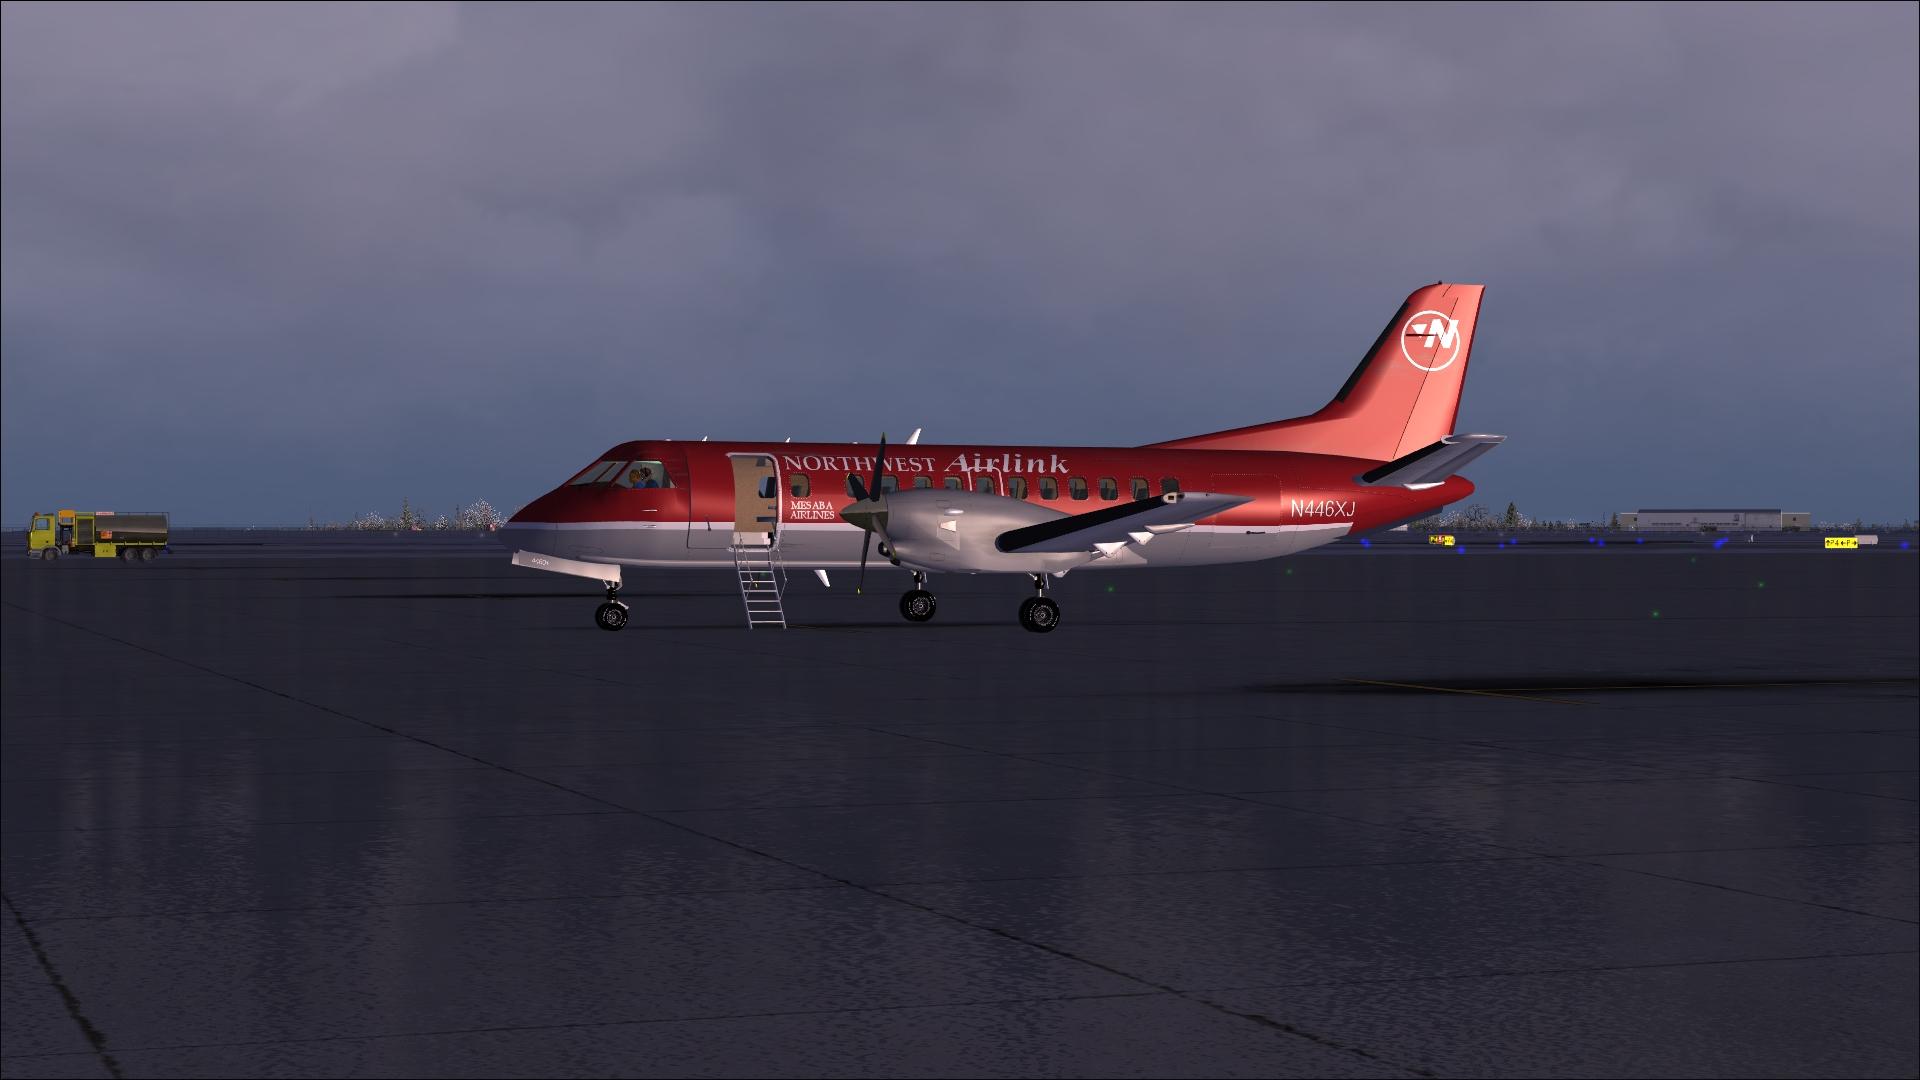 Airlink.jpg